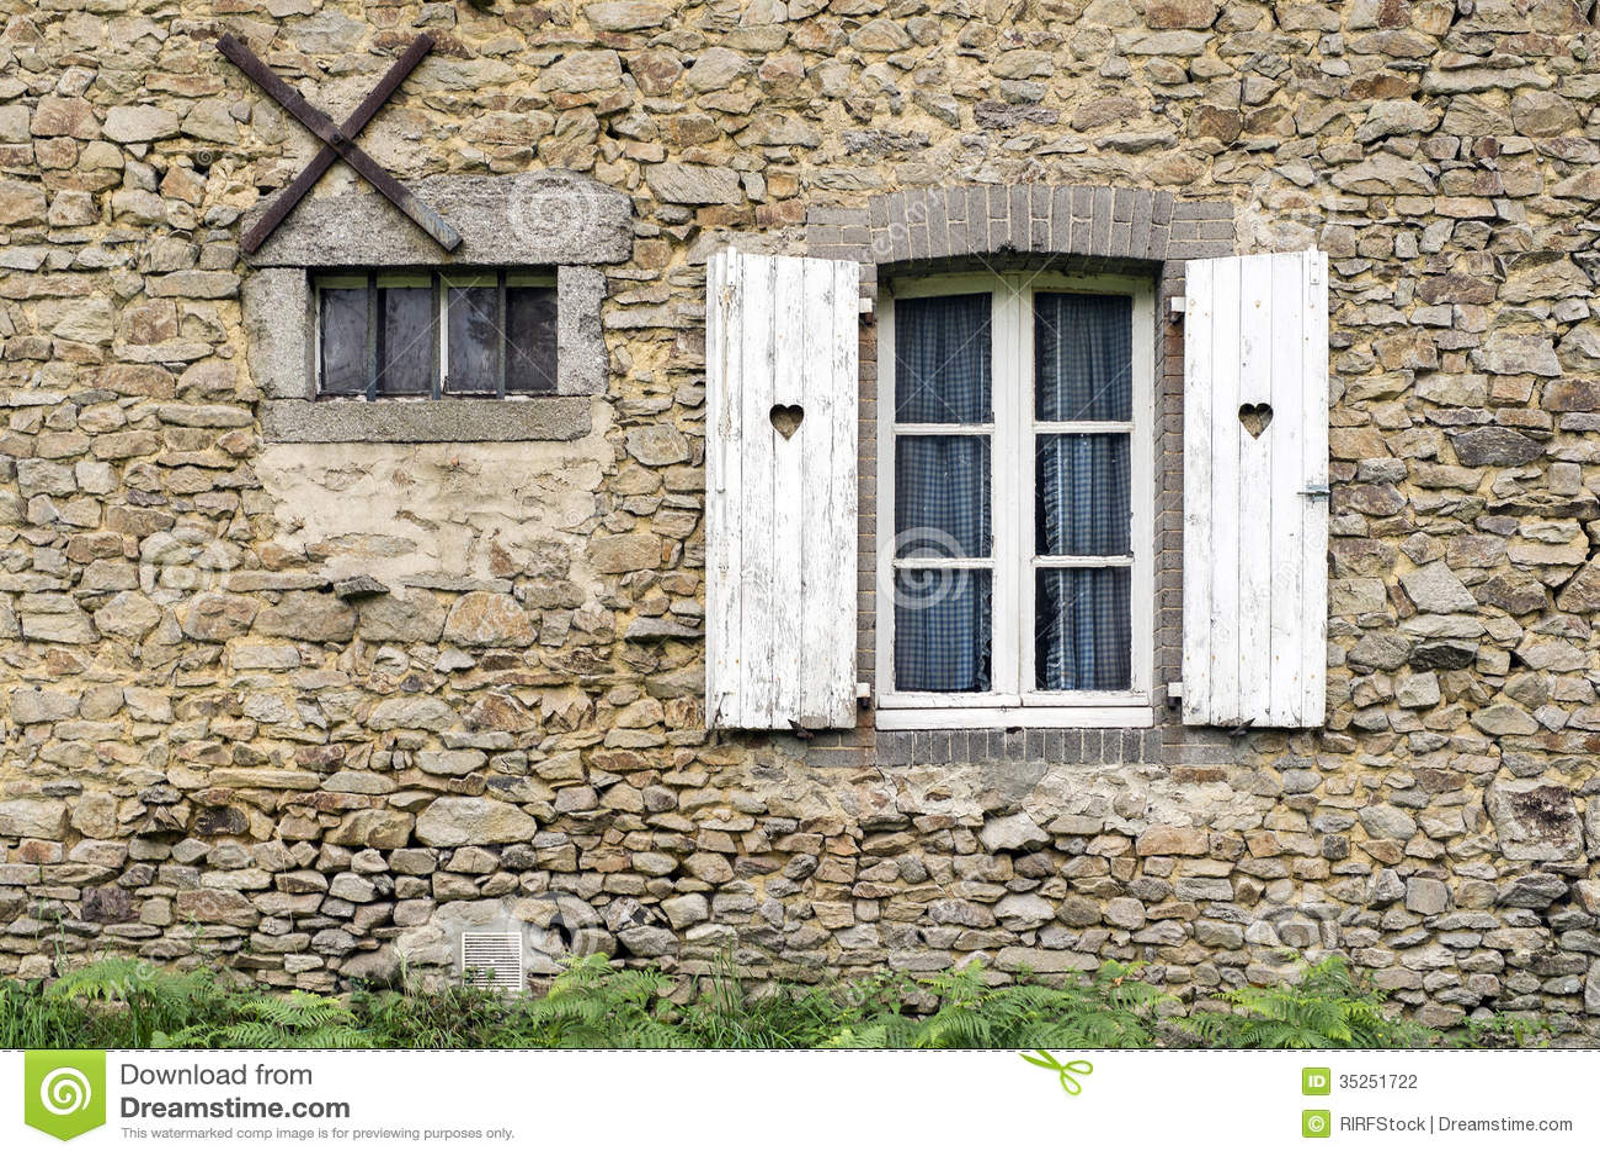 Fen tre fran aise de ferme photographie stock image for Fenetre francaise